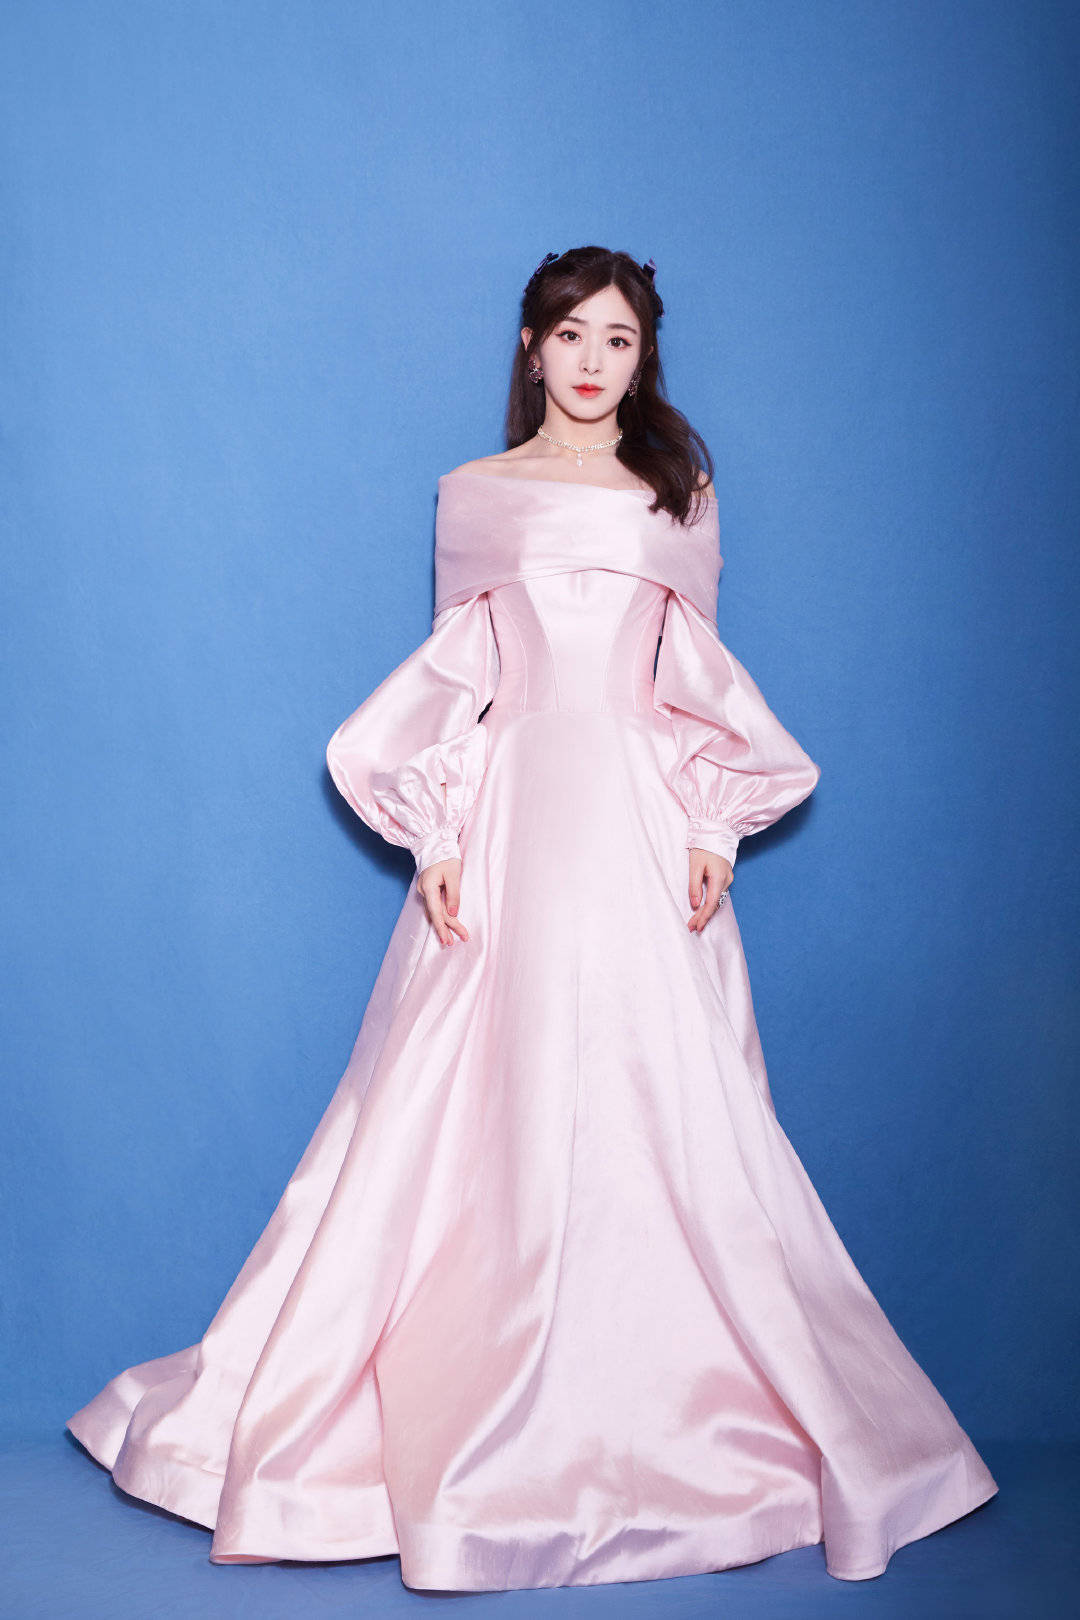 31岁张含韵变身古堡公主,粉色长裙古典高贵,桃花妆娇俏惹人爱